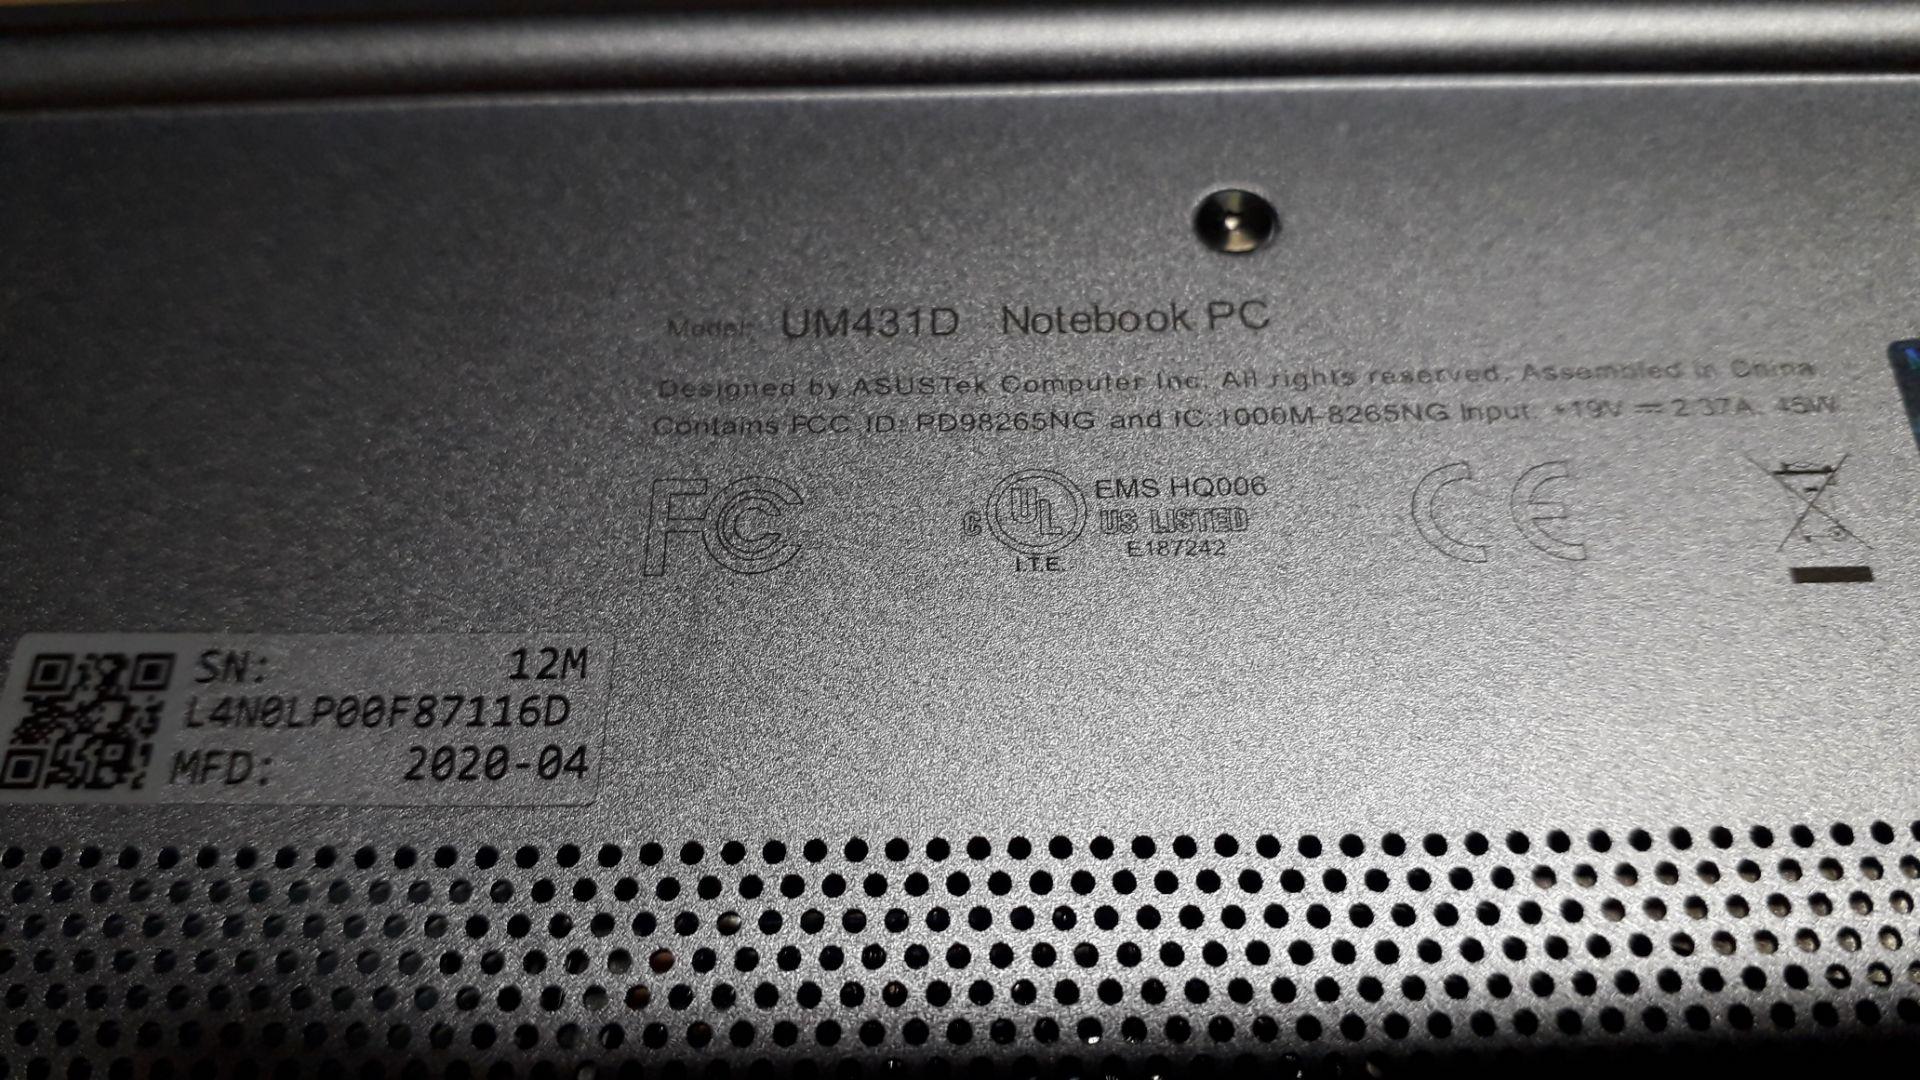 """Asus ZenBook UM431D 14"""" Ryzen 7 Laptop (2020) Seri - Image 5 of 5"""